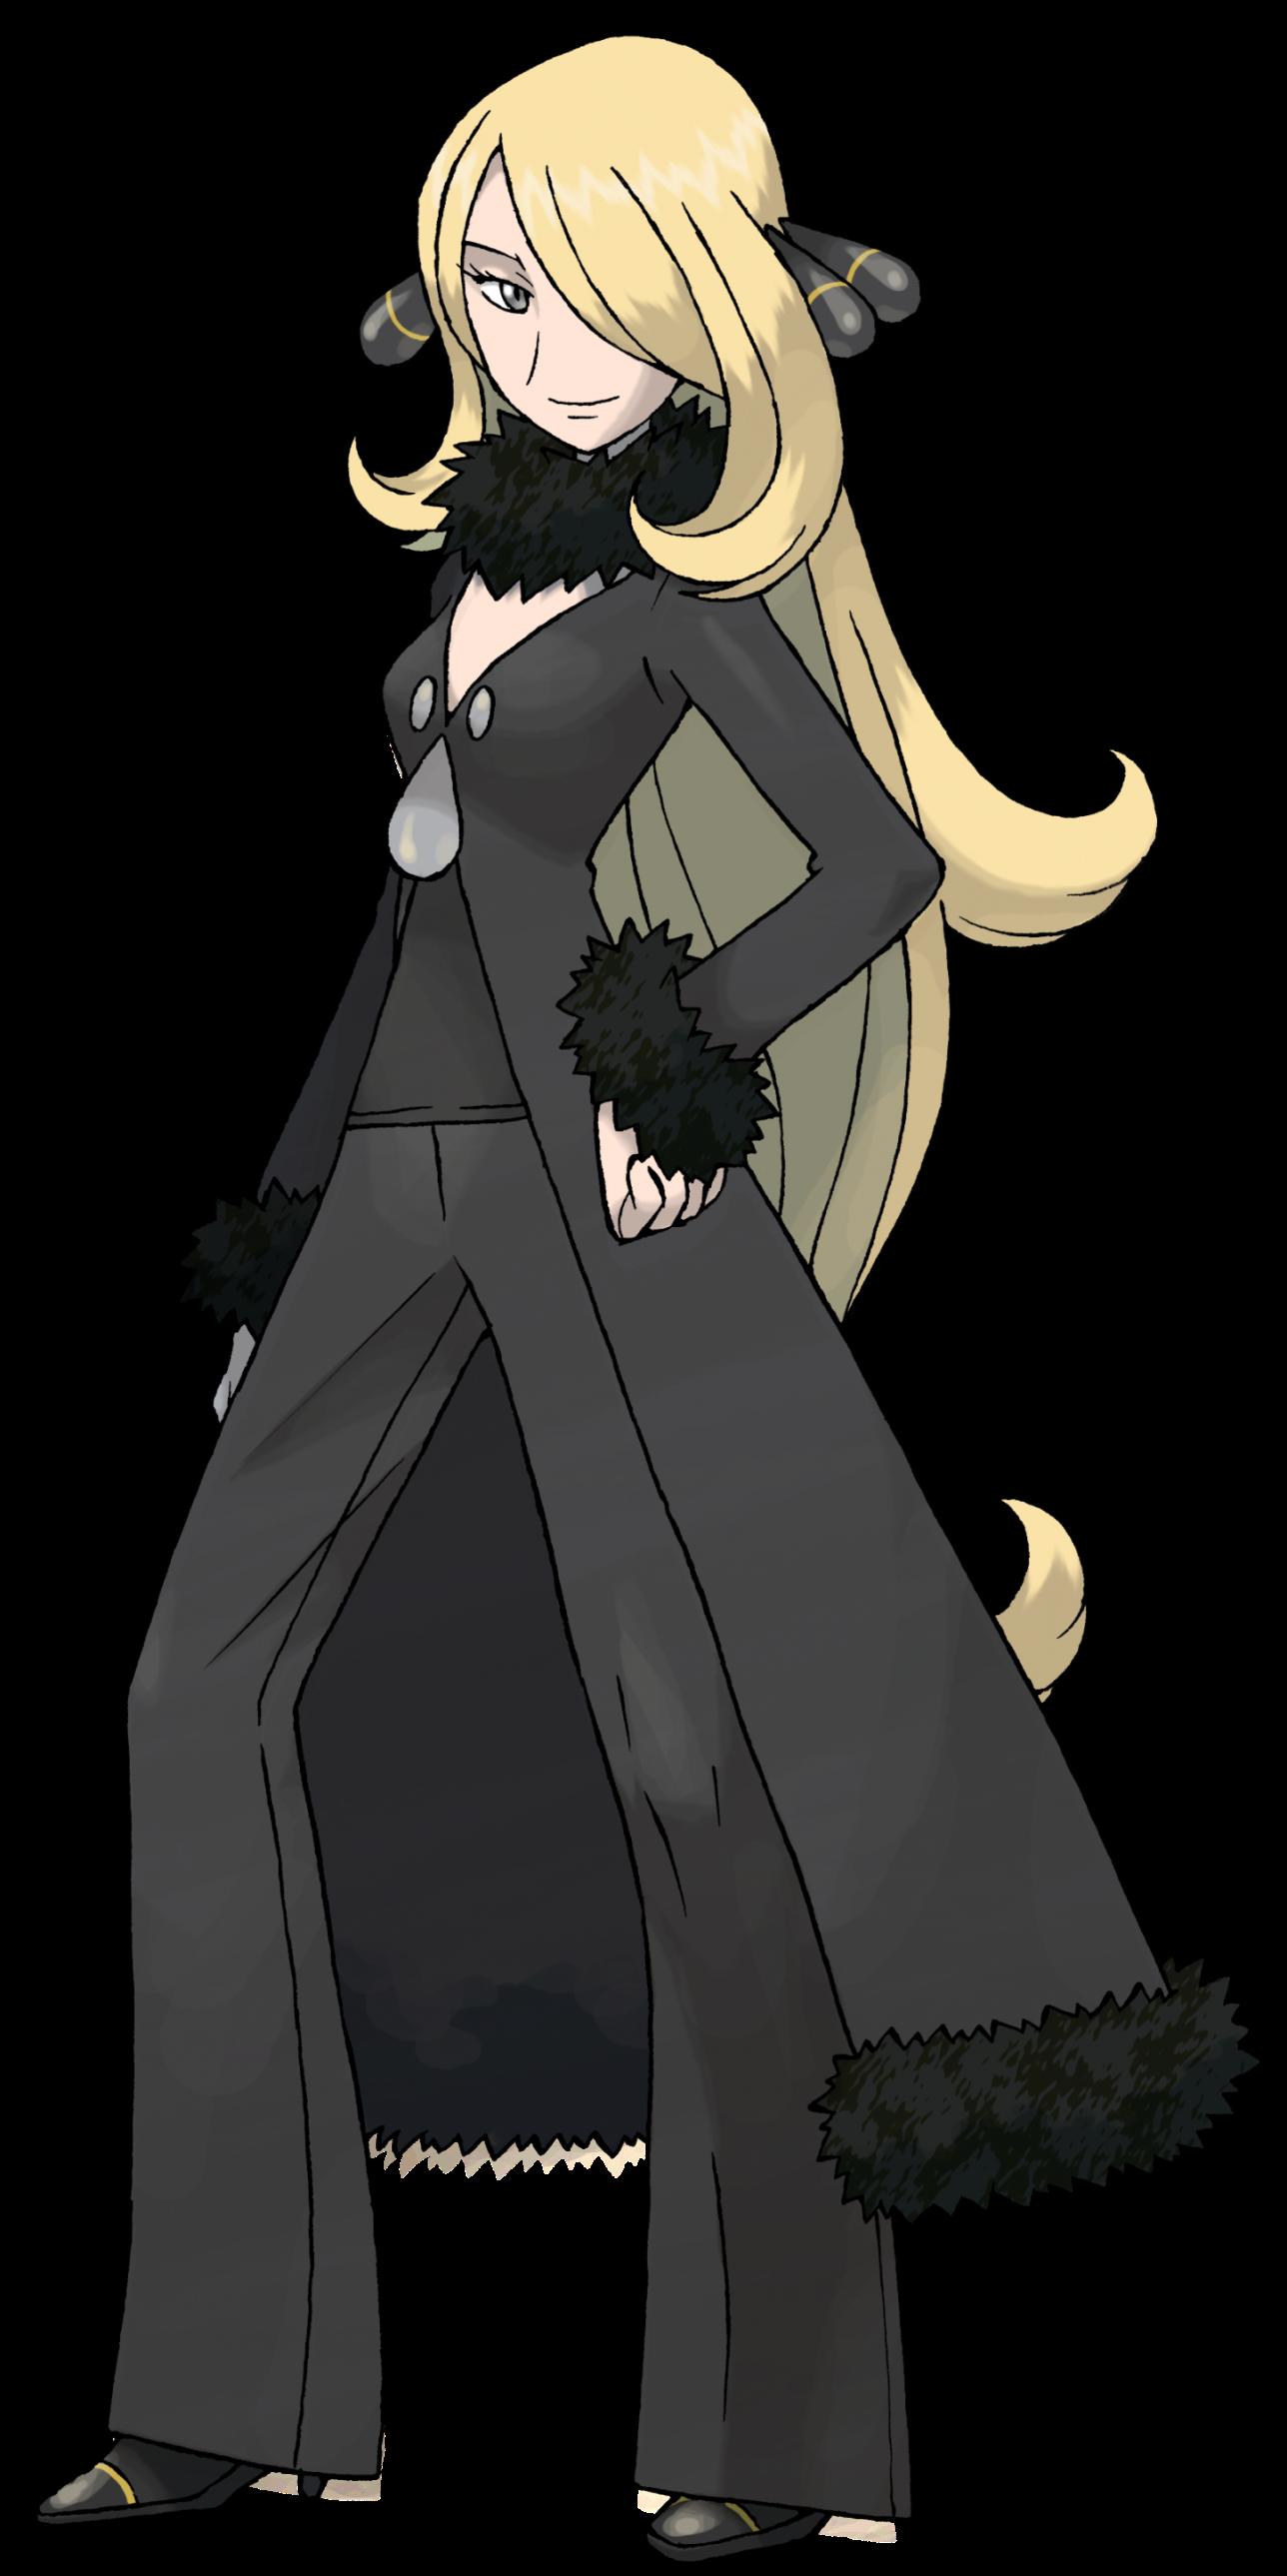 Emeraldblade95/PG Proposal: Cynthia (Pokémon)